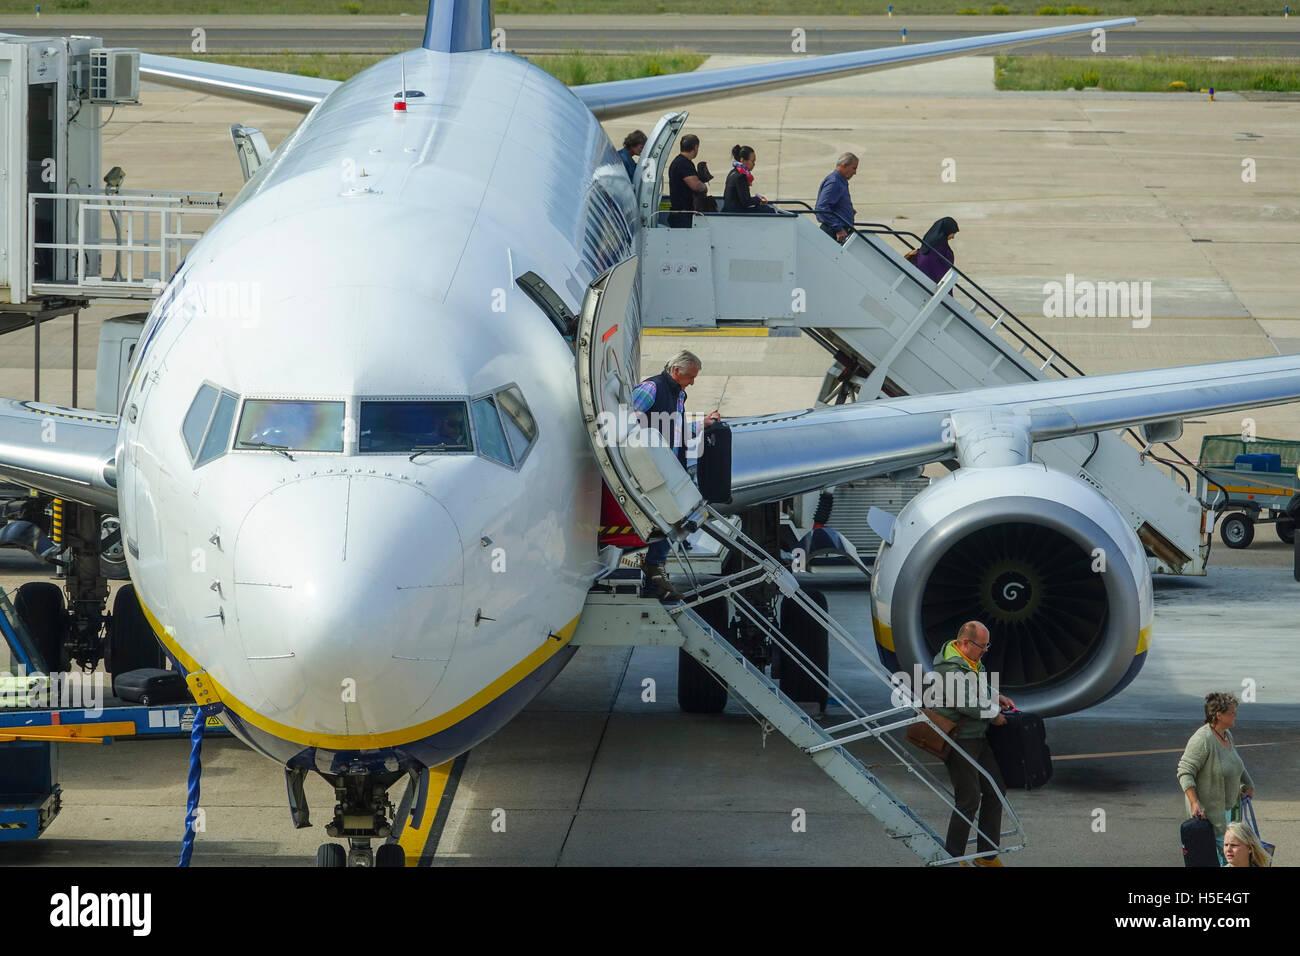 Reisen mit dem Flugzeug - Leute aussteigen aus Flugzeug am Bestimmungsort Stockbild